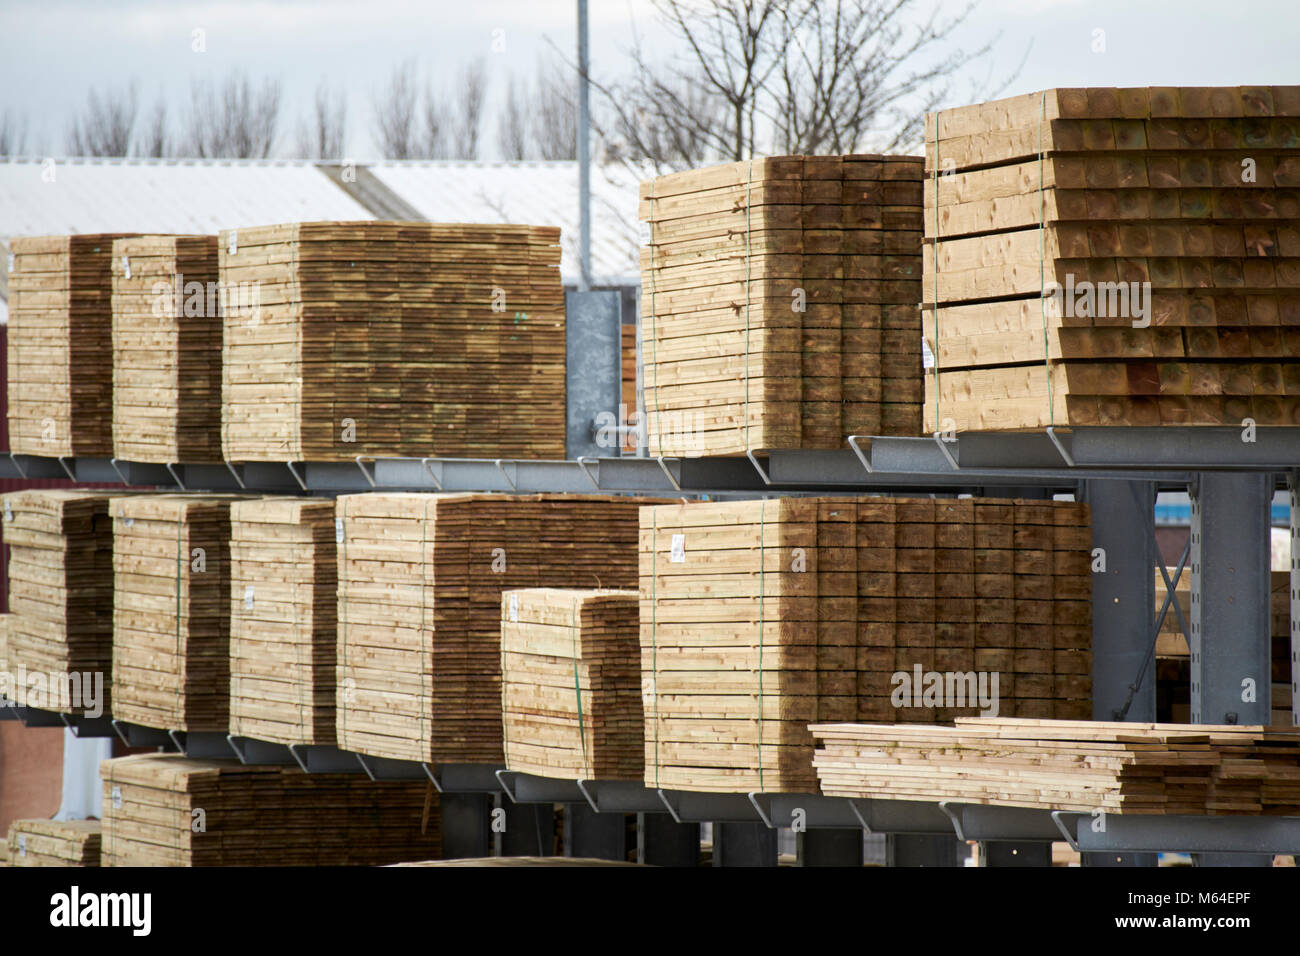 Building Materials Timber Stockfotos & Building Materials Timber ...